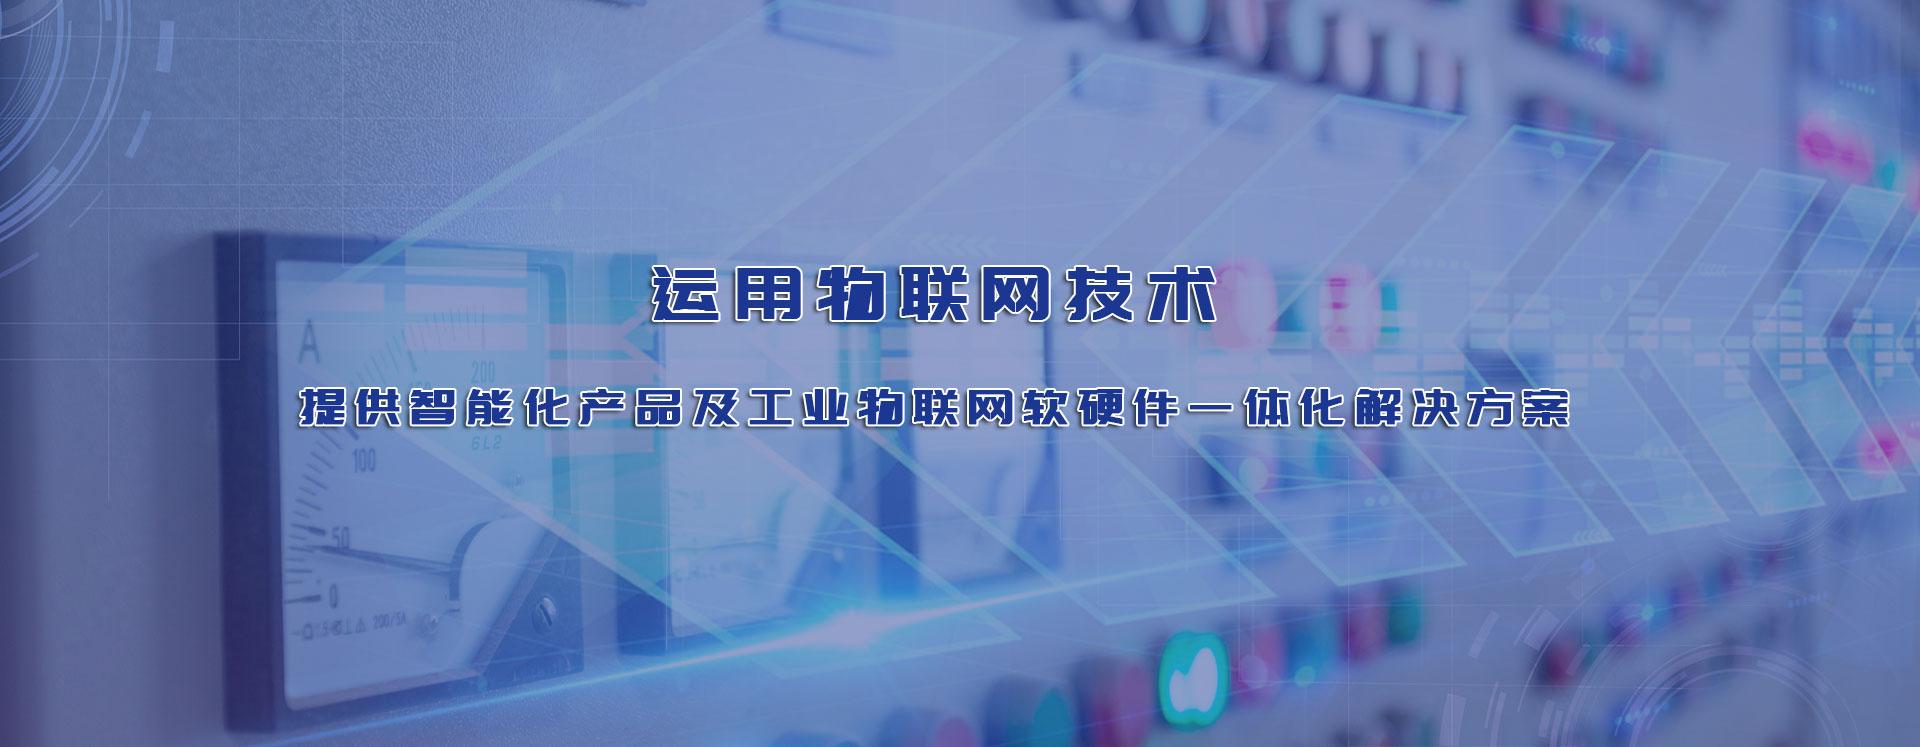 广东物联网关